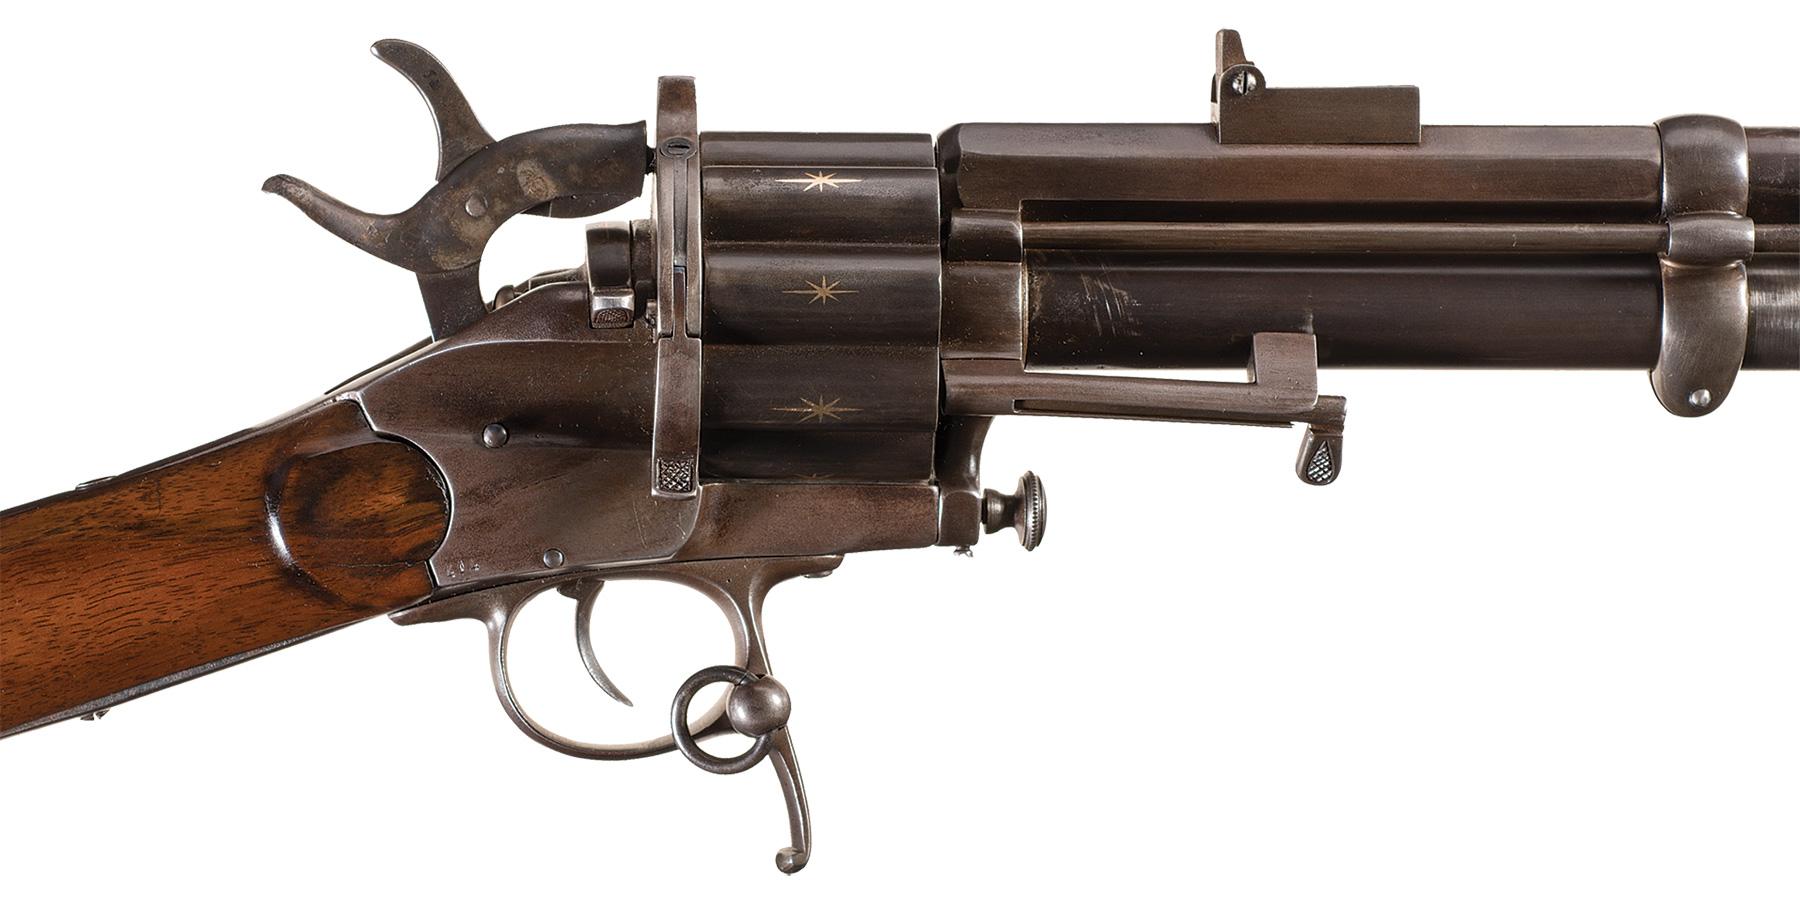 LeMat Centerfire Carbine